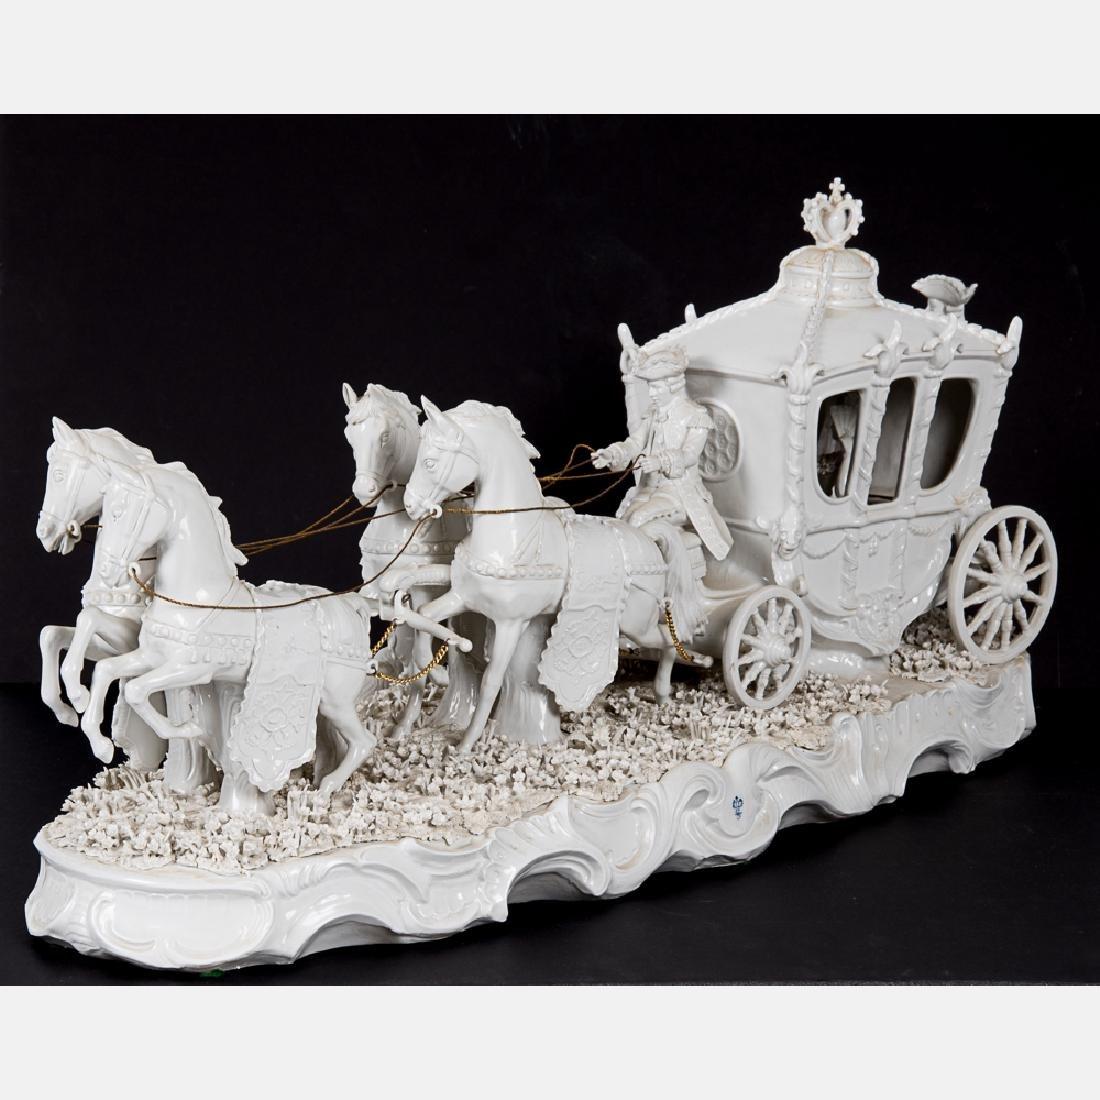 A Sitzendorf Blanc de Chine Porcelain Horse Drawn - 2